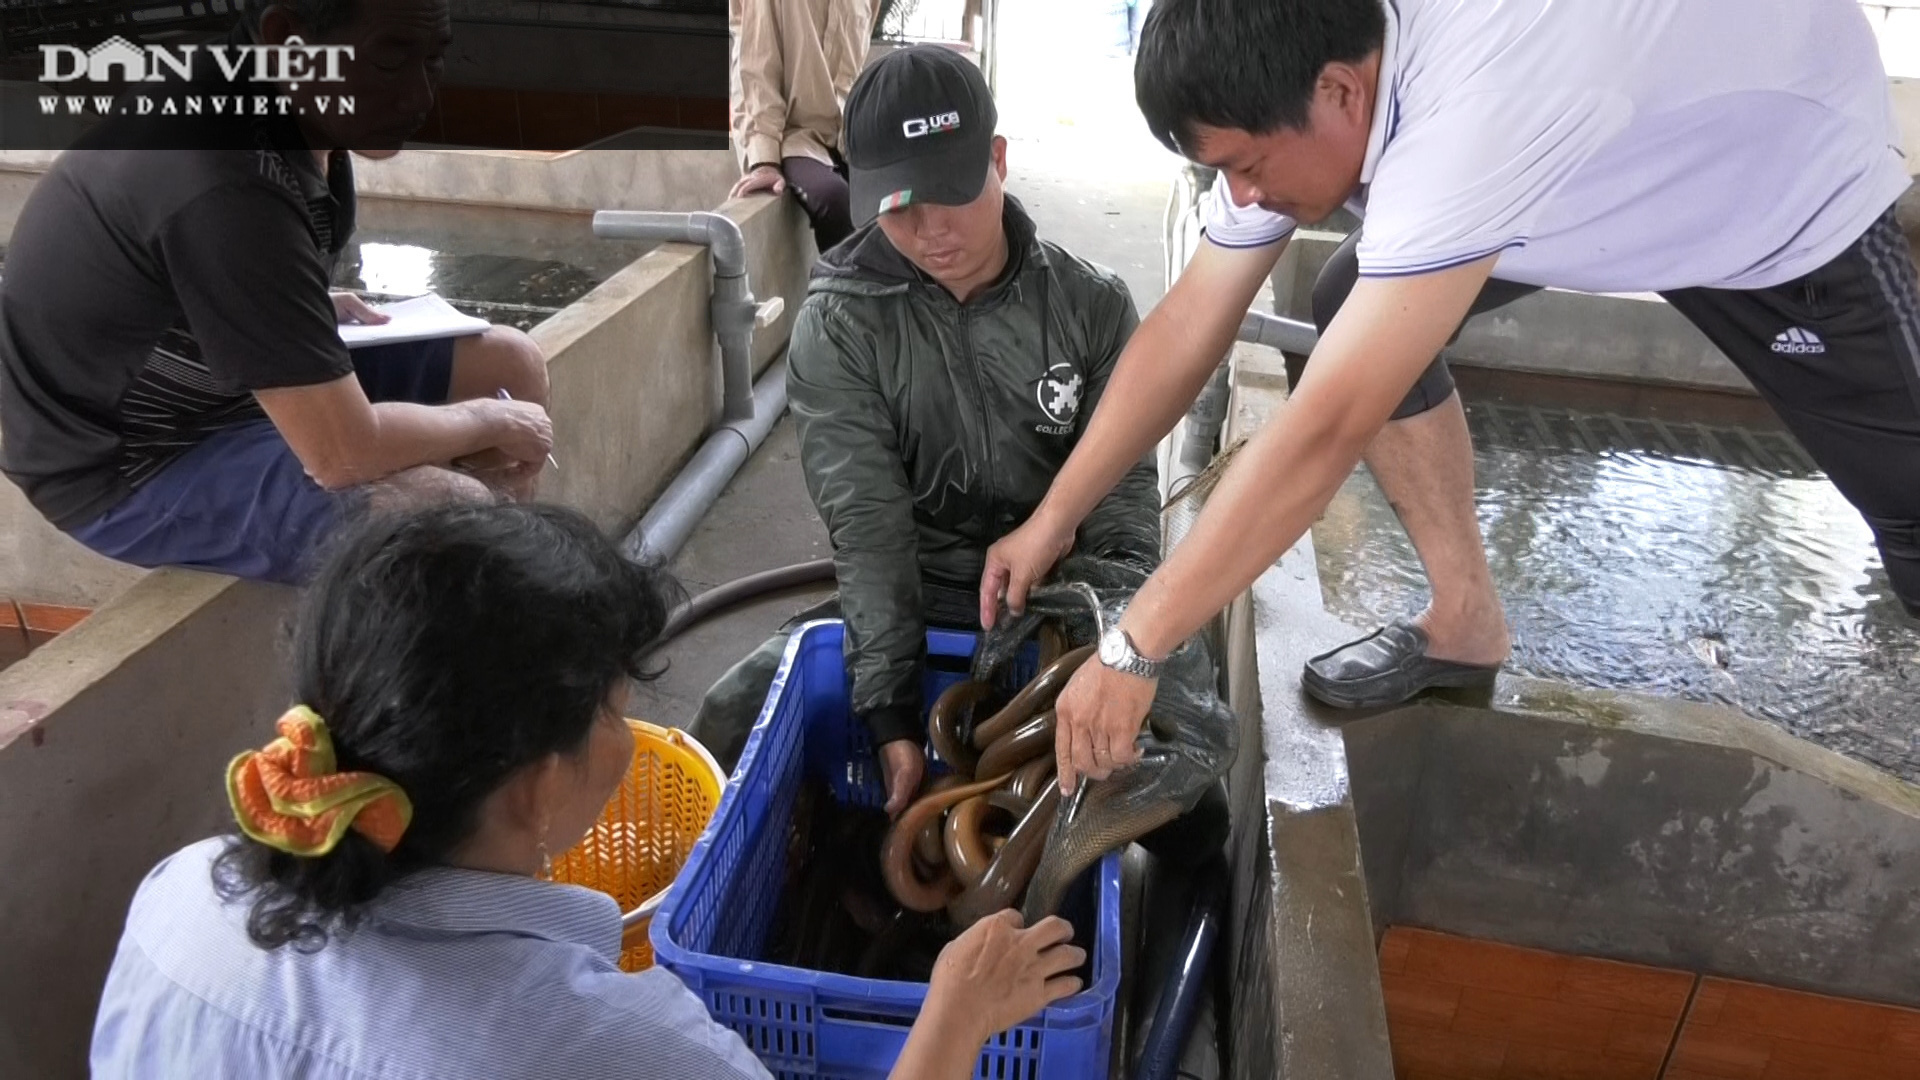 Một ông nông dân tỉnh Đồng Tháp bắt bán hàng tấn lươn không bùn, thương lái tấp nập đến mua - Ảnh 7.